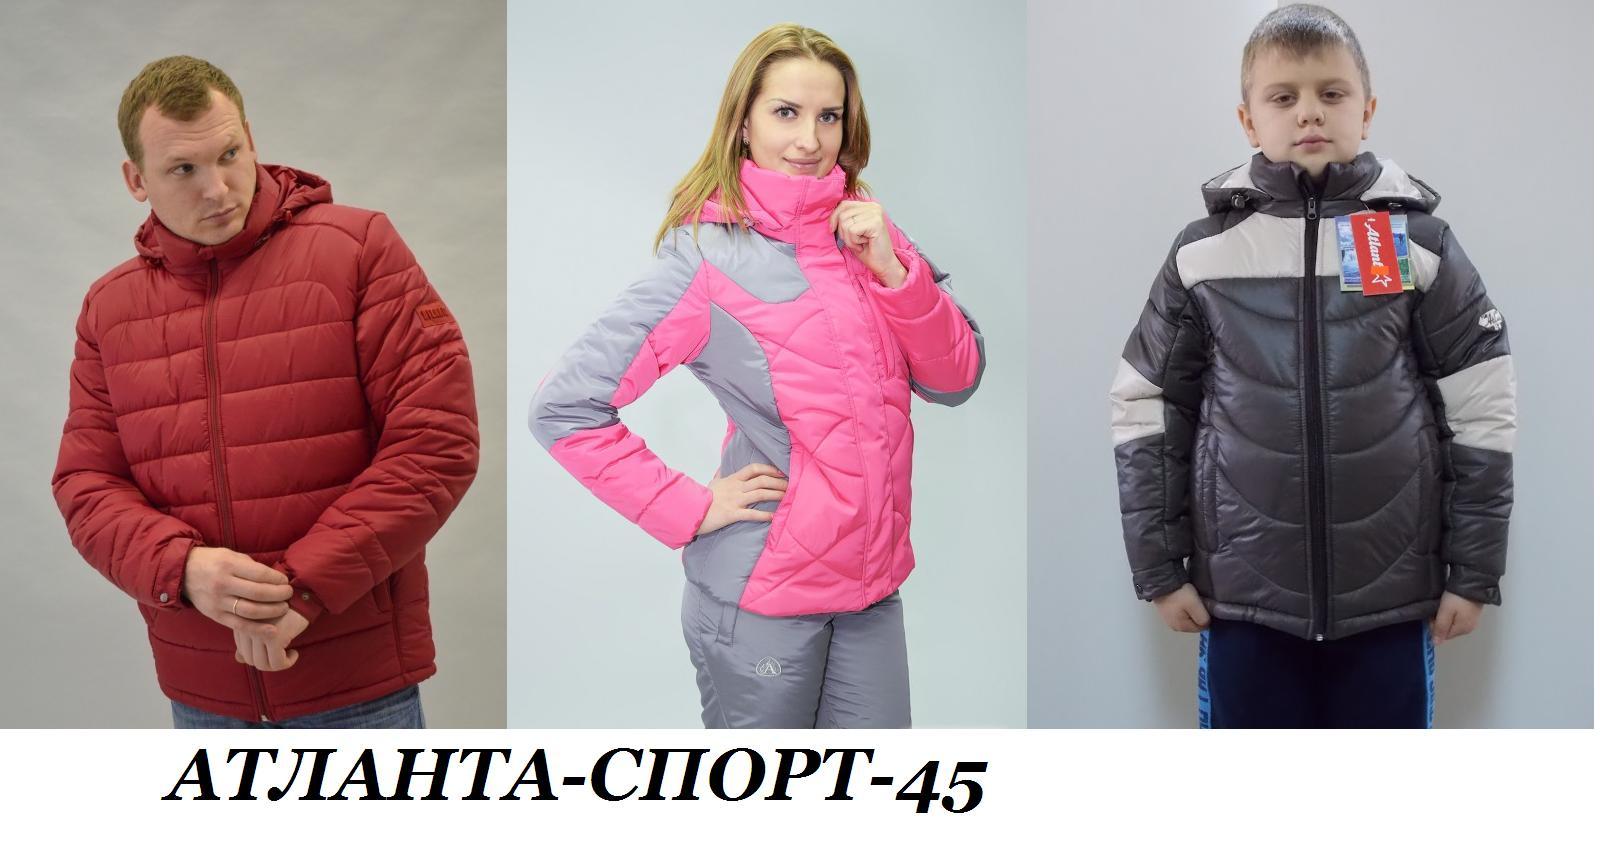 ���a��a C�op�-45. ����� ������ ������� � ������� ������ �������, ������ ��� ��������� �� -40��. ���������� ������� ��� ���� ����� �� 32 �� 60-�� �-��. �������: ��������+����-���! �������� ������ ����! �������� ������! ��� �����!